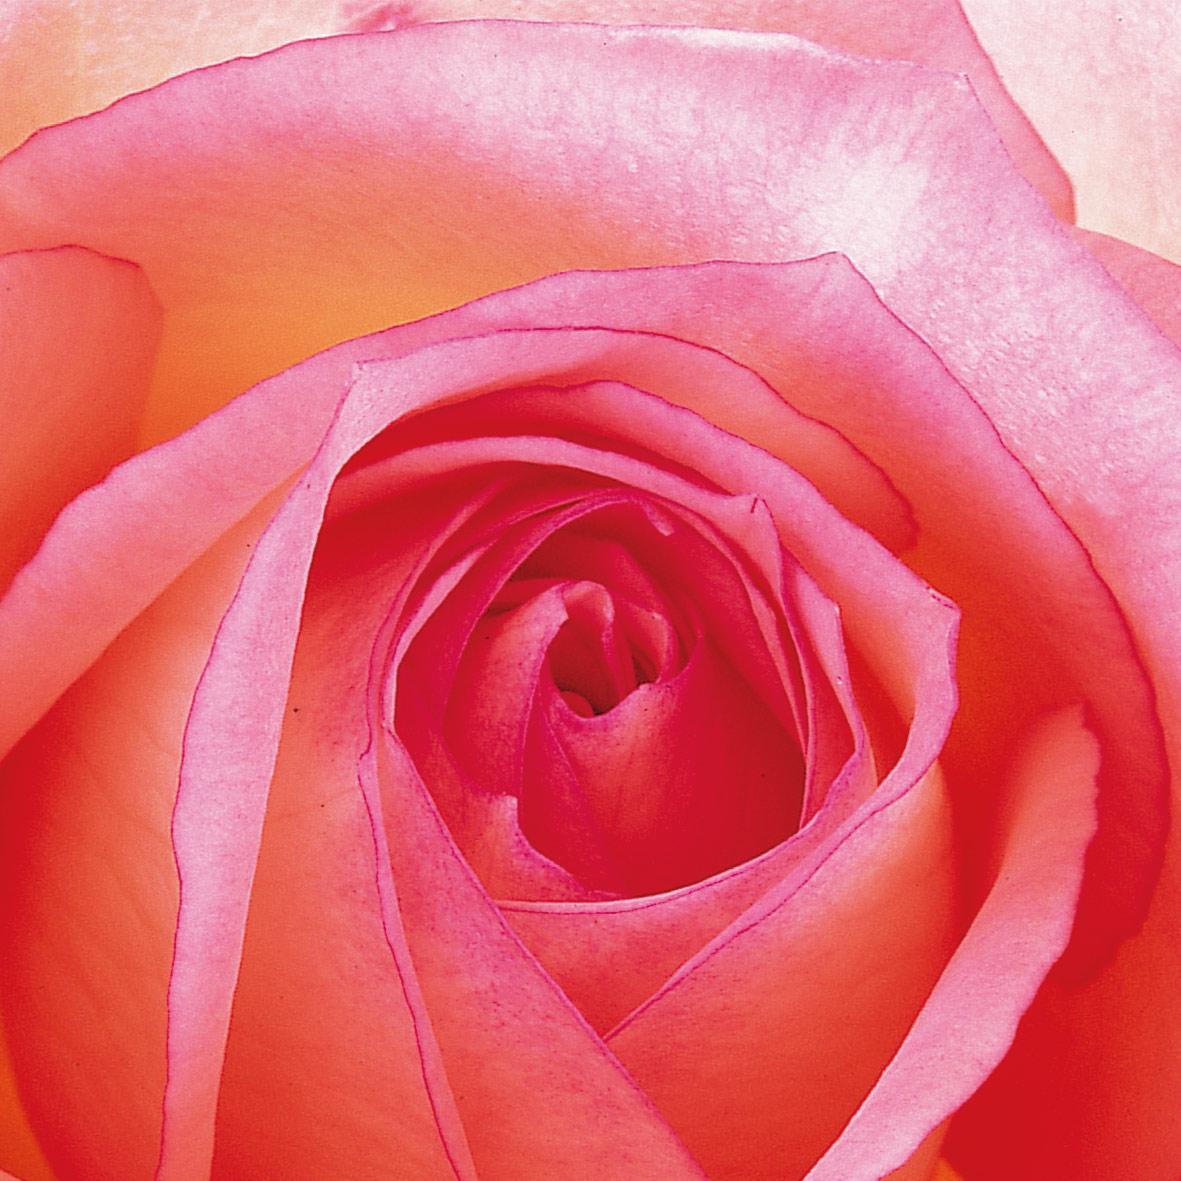 Rose 33x33 cm